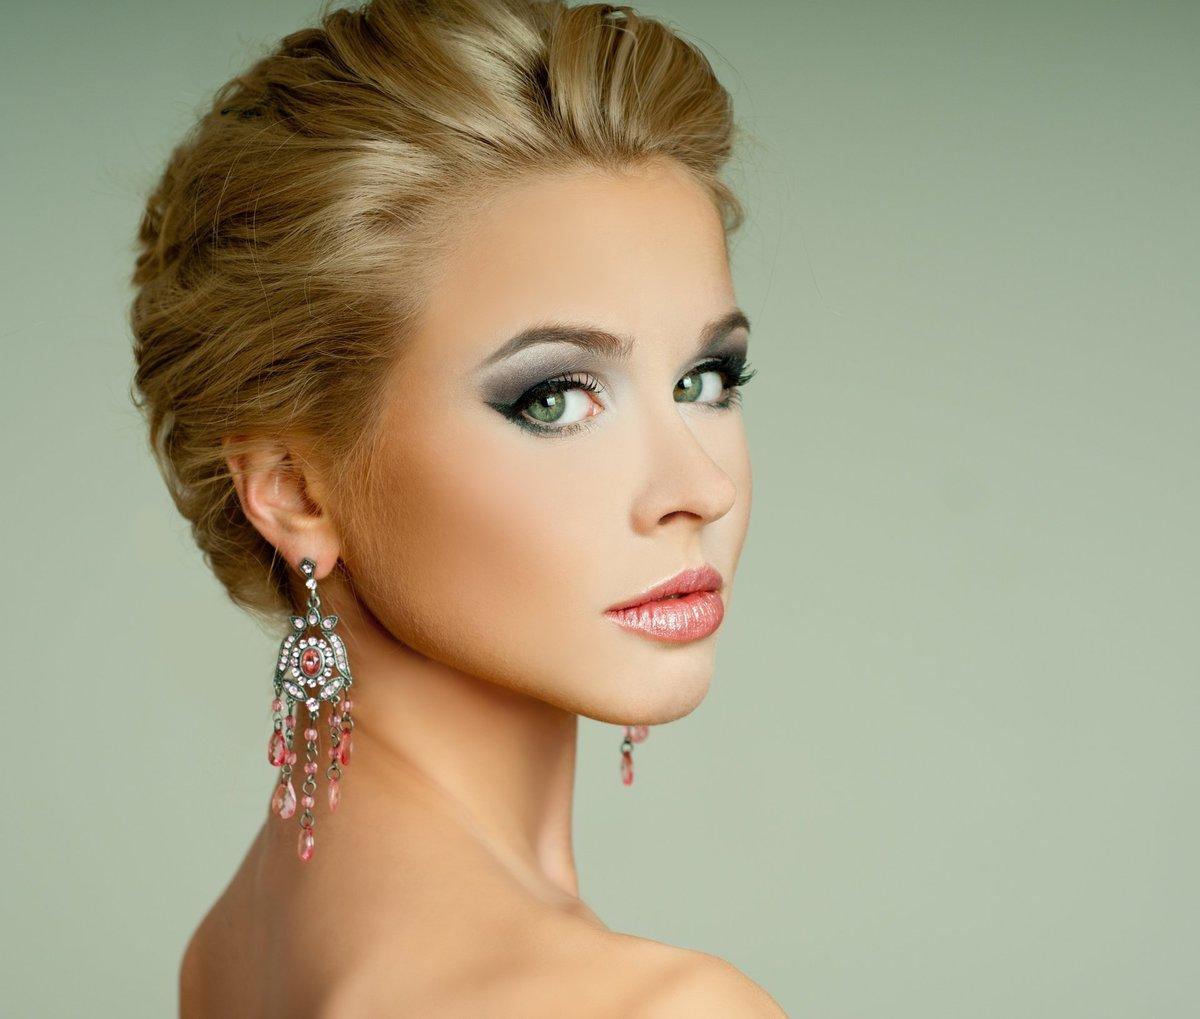 Вечерний макияж для блондинок с серо-зелеными глазами